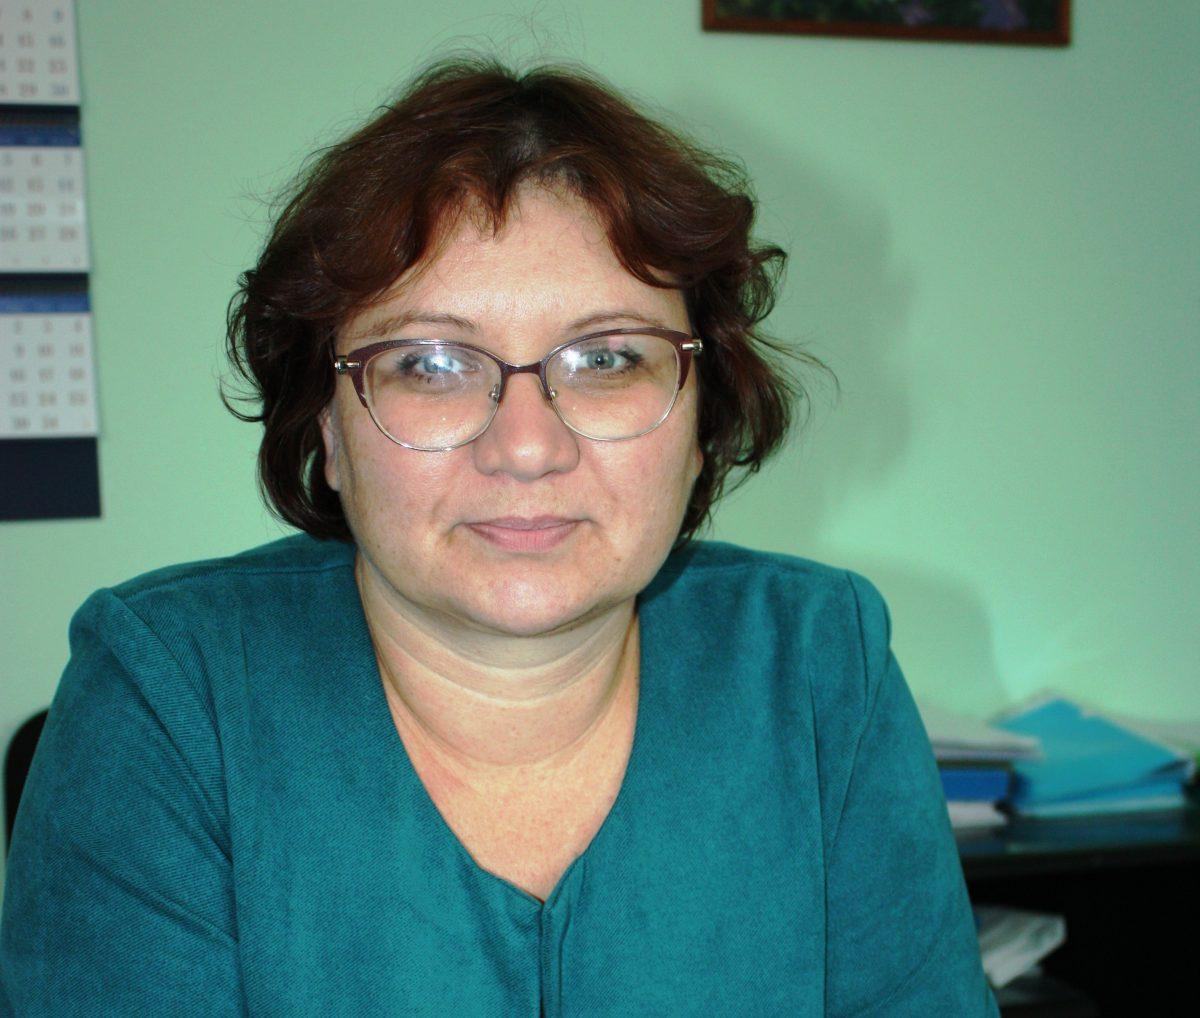 Ольга Булгакова: Мы с особым чувством ждем завершения строительства Ржевского мемориала